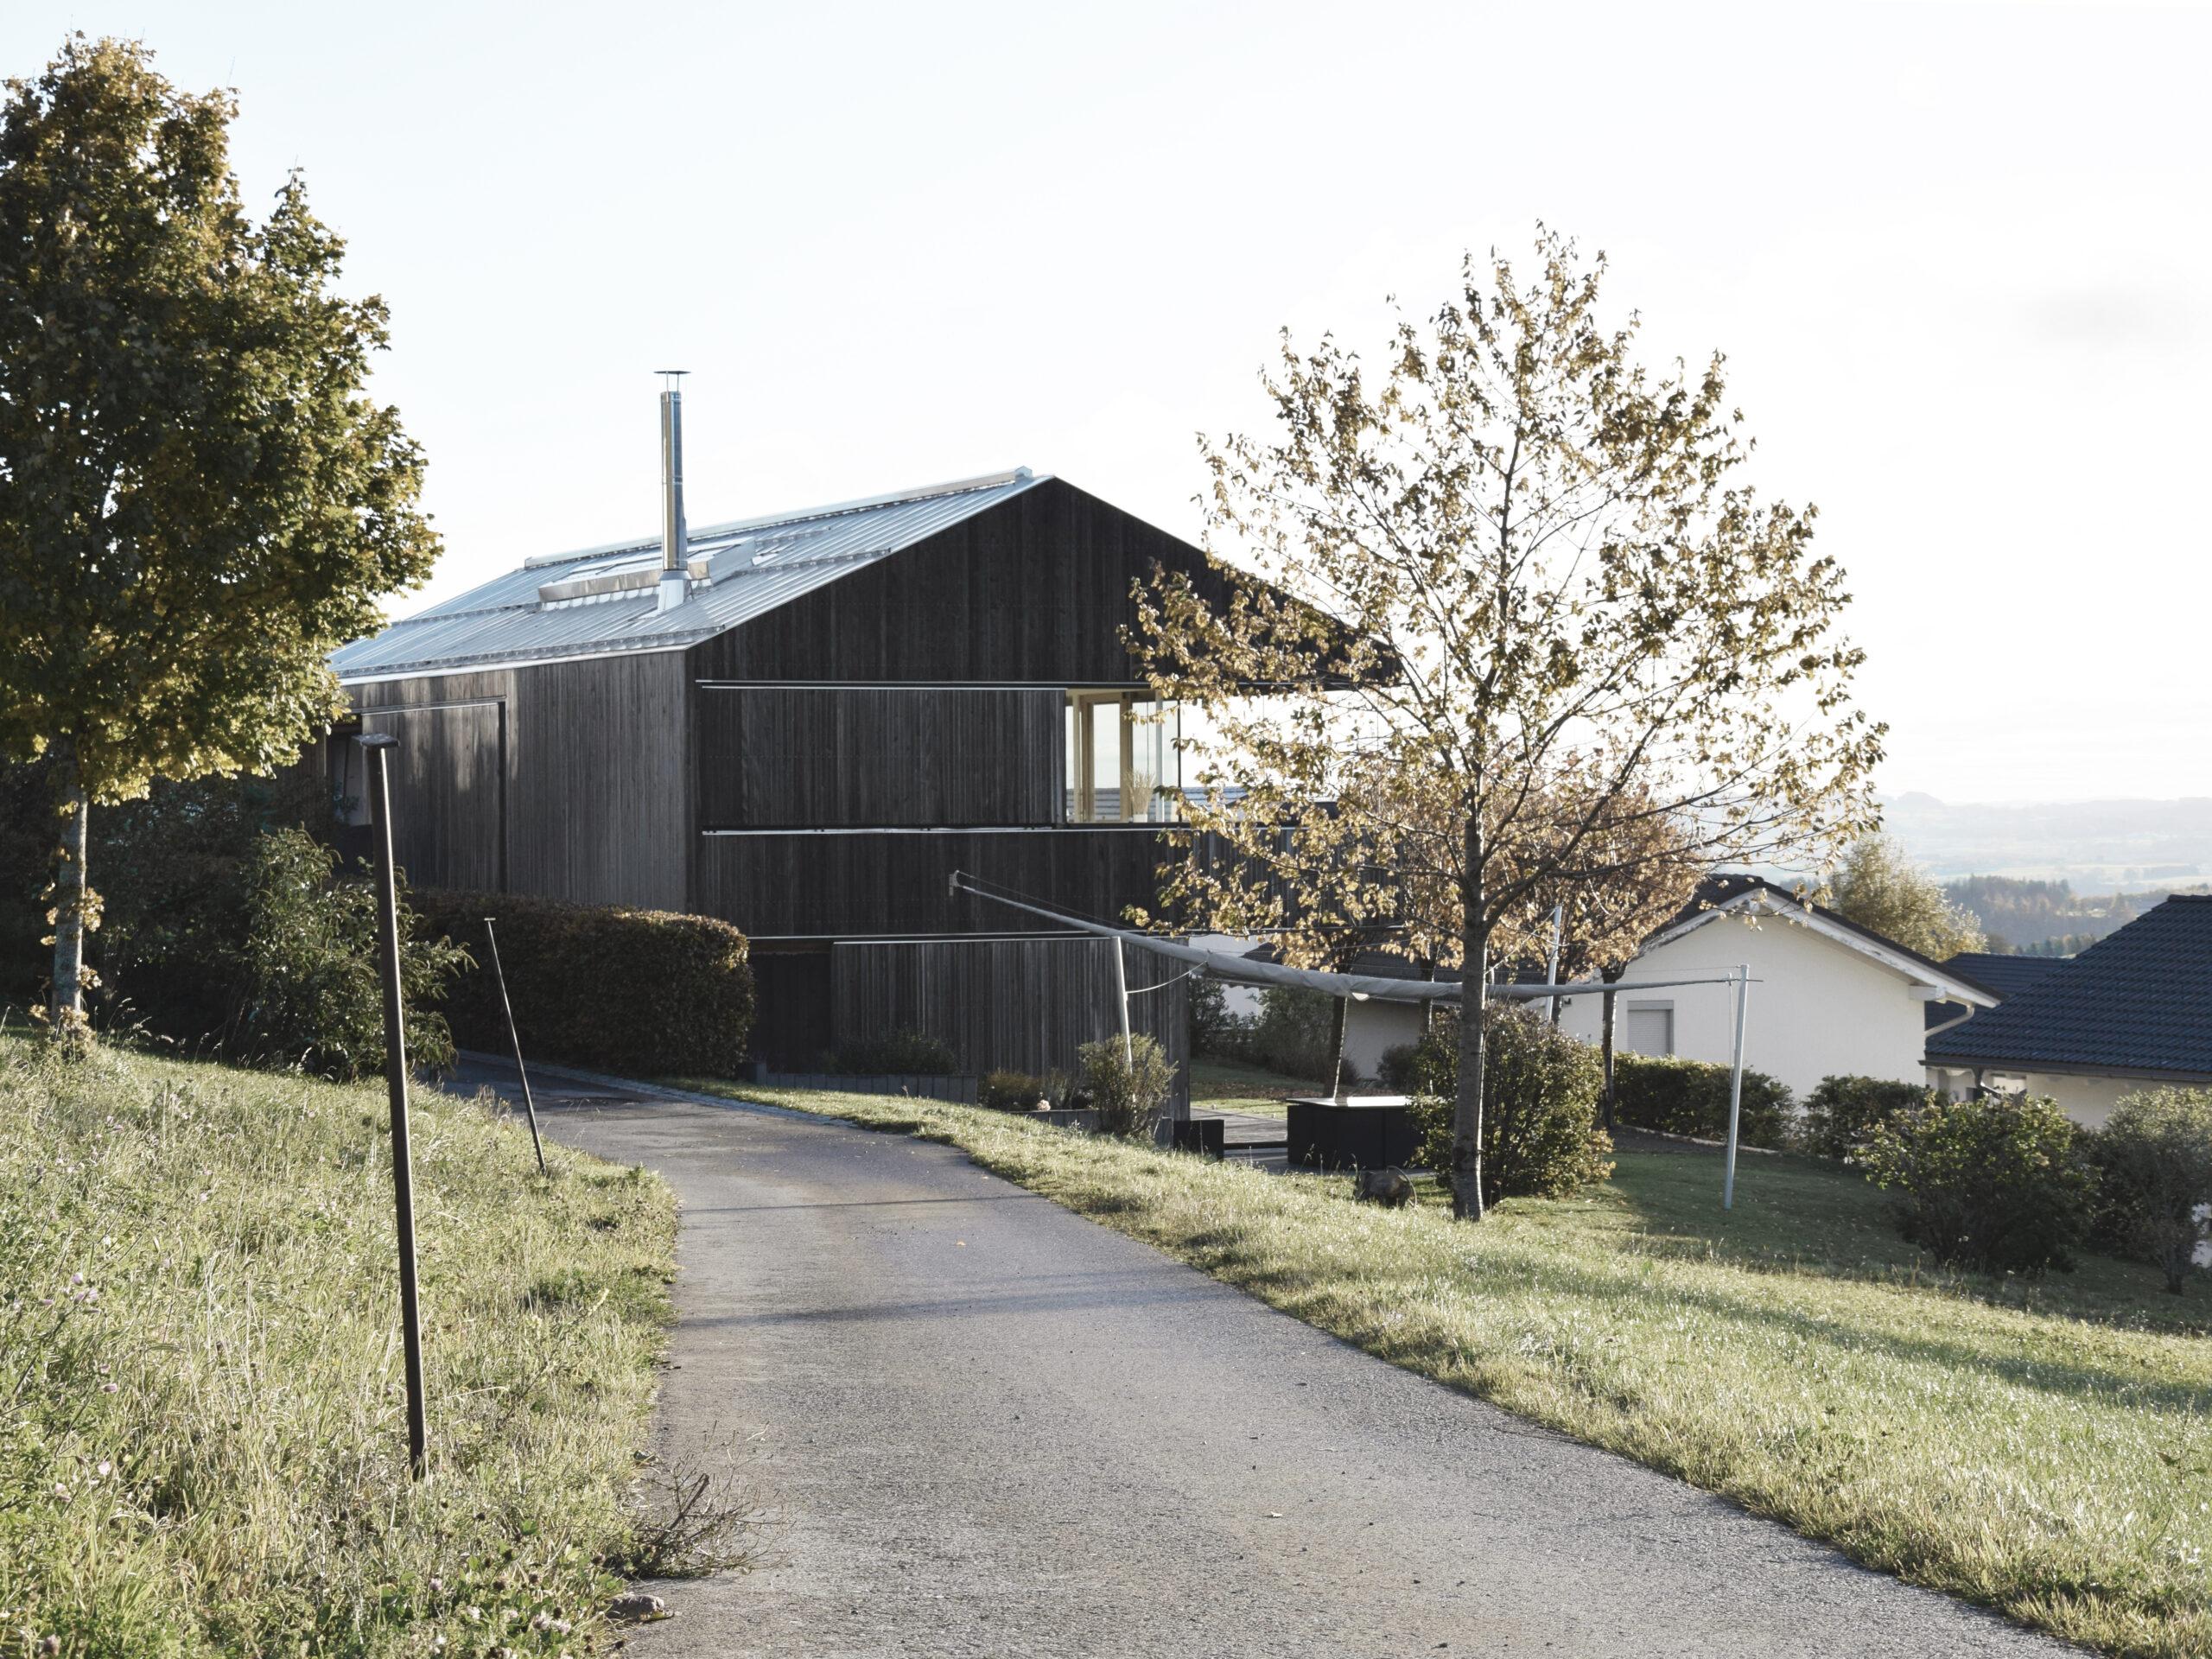 Michael-Becker-Architects-Architekten-Haus-s-04